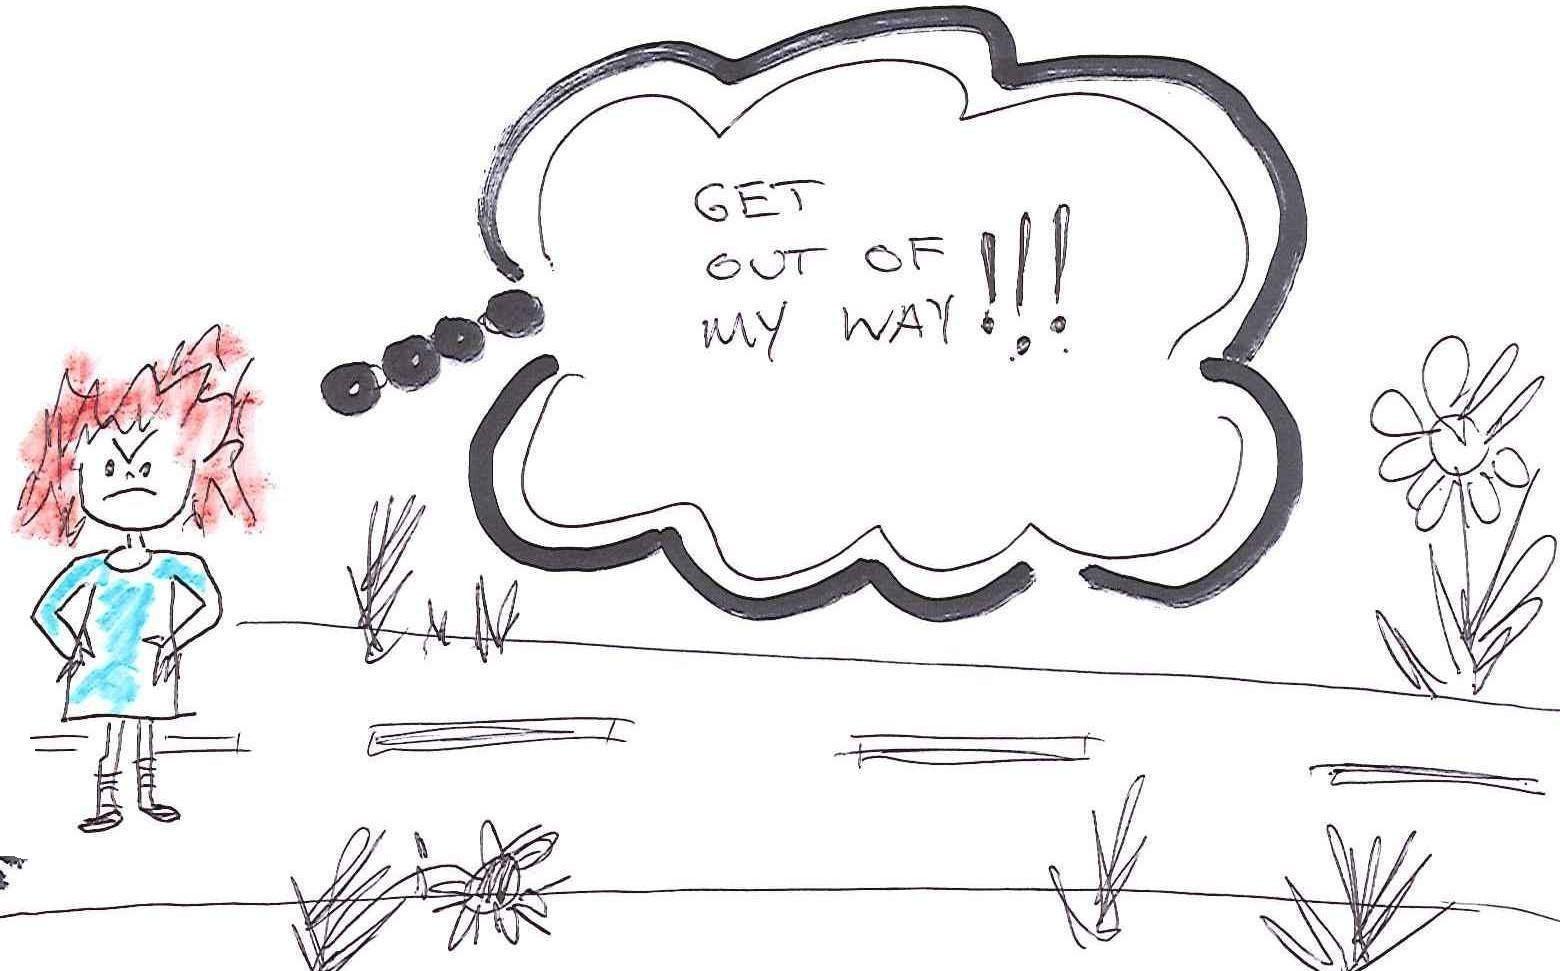 http://3.bp.blogspot.com/_grP5lfToFhk/TCt6ycLai1I/AAAAAAAAAdA/xskOOnBJaN4/s1600/drawing1closeup.JPG